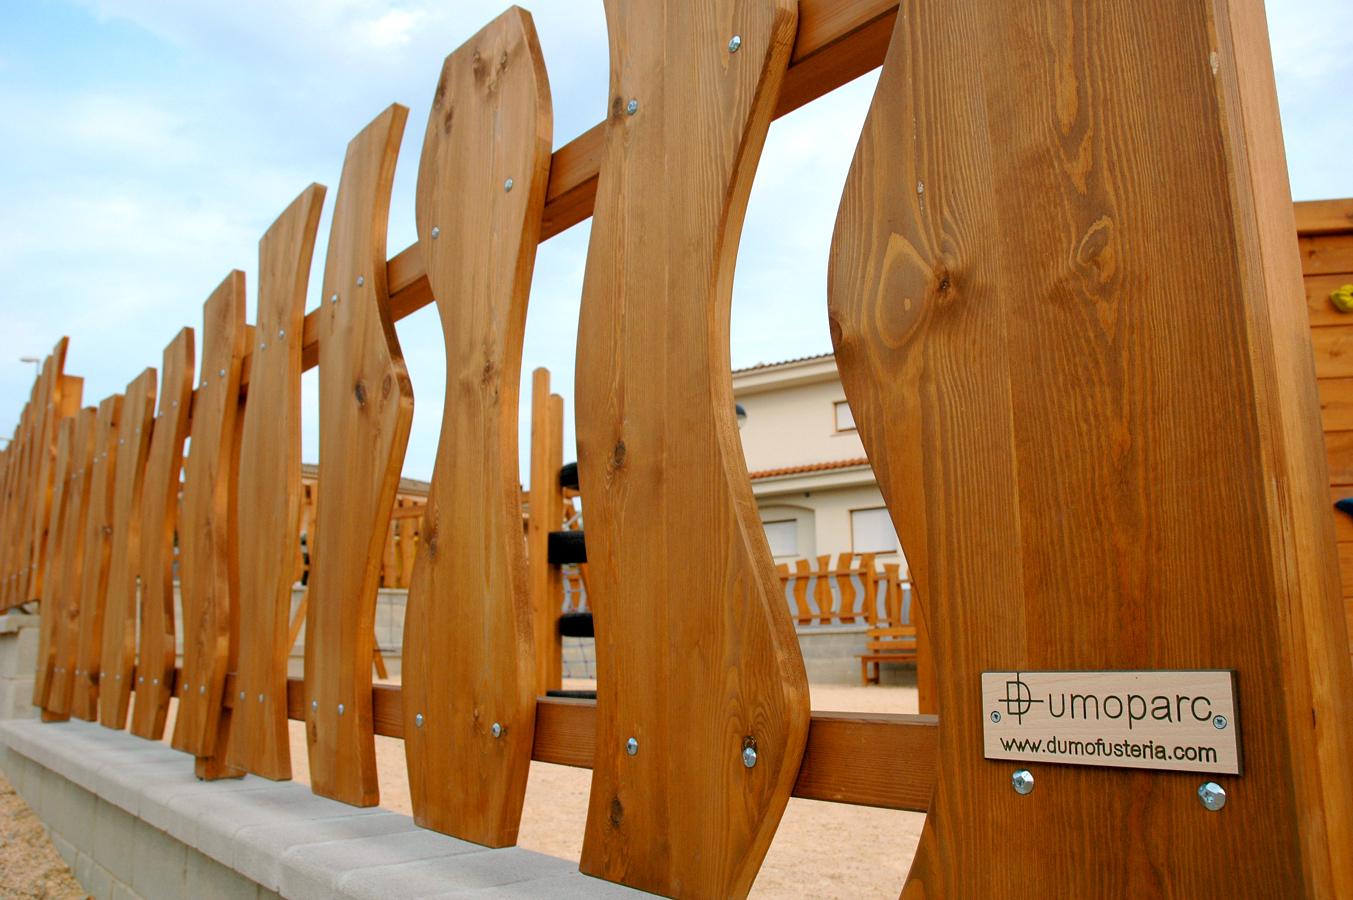 Foto barandilla exterior de dumo fusteria s l 261568 for Barandilla madera exterior